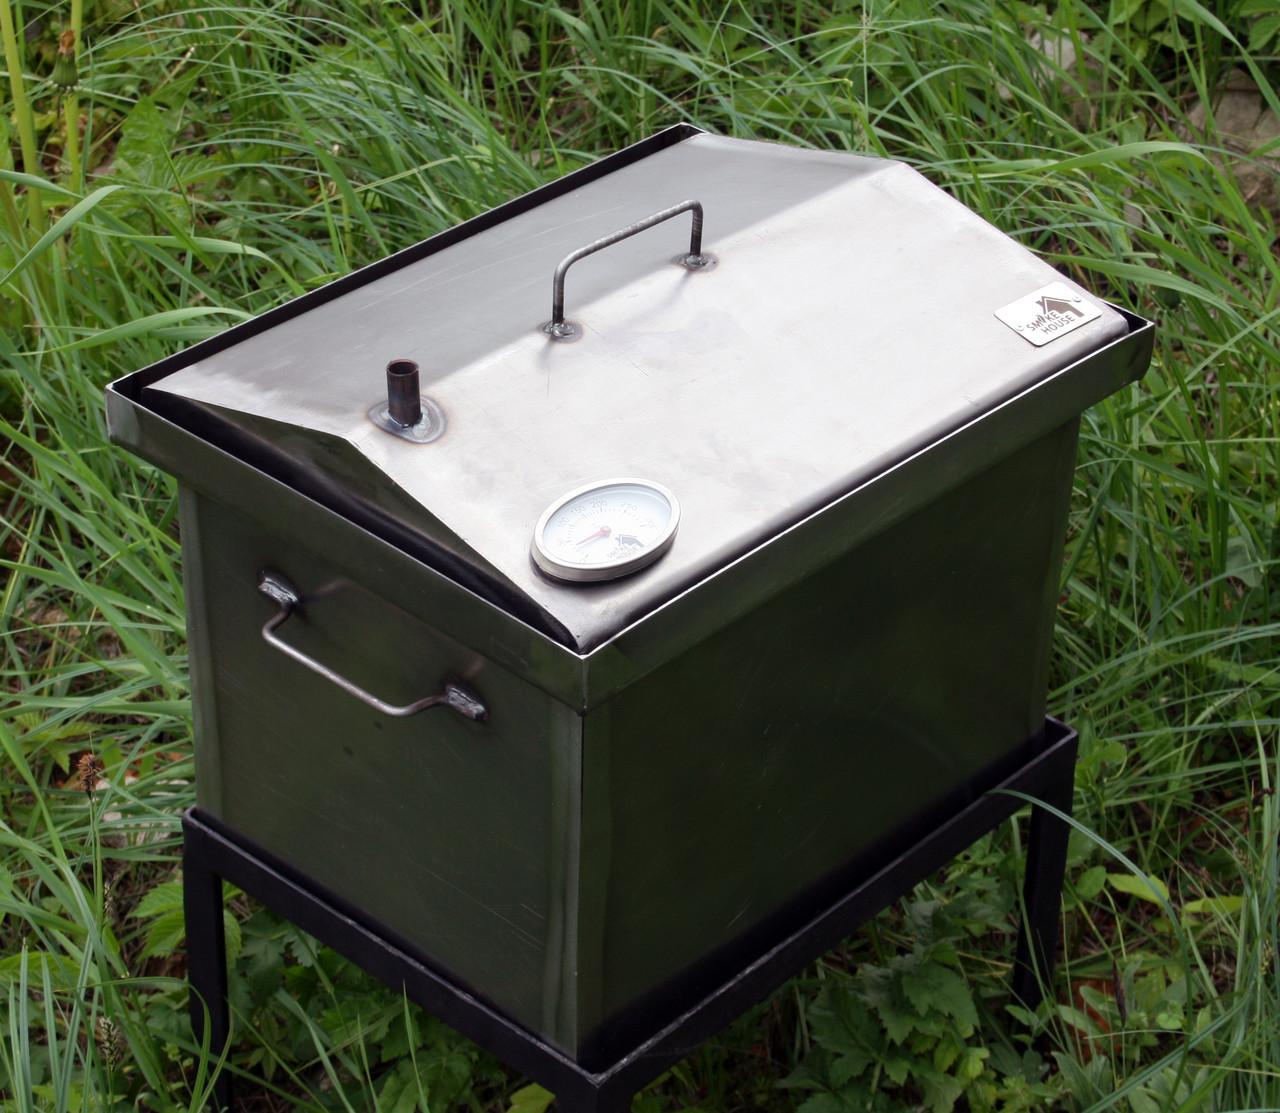 Купить коптильни горячего копчения походный самогонный аппарат